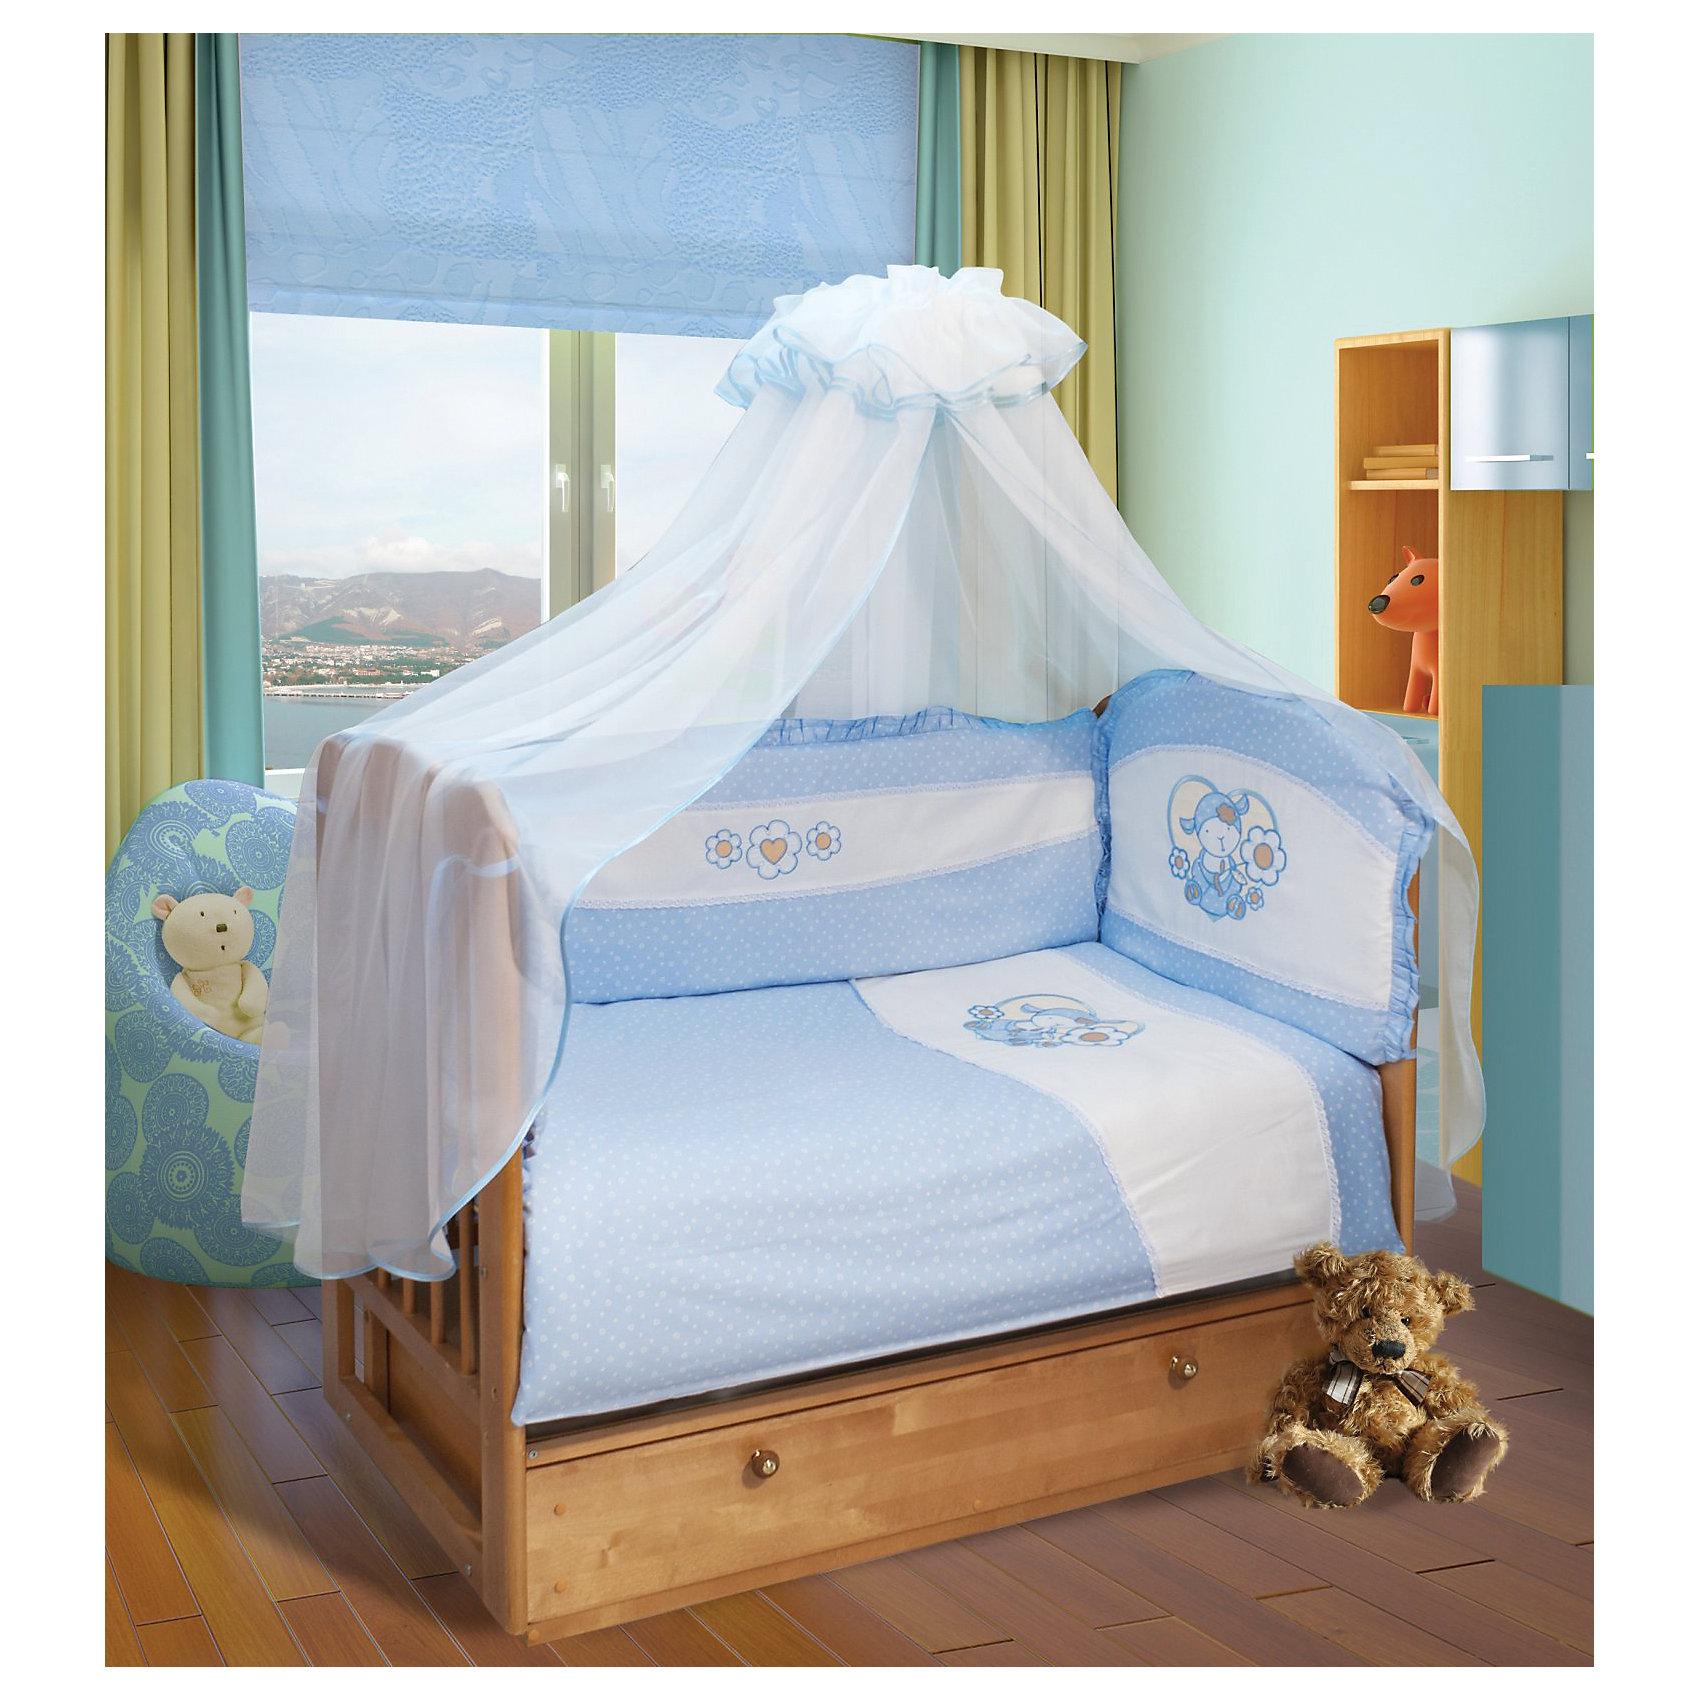 Постельное белье Овечка 7 пред., Soni kids, горошки голубойПостельное бельё<br>Нежный комплект детского постельного белья обязательно понравится Вашему малышу! <br><br><br> Дополнительная информация:<br><br>- Размеры: <br> Одеяло 140х110 см.<br> Пододеяльника 142х112 см.<br> Простынке на резинке 150х90 см.<br> Подушка 40х60 см.<br> Наволочка 40х60 см. <br> Вуаль-балдахин 165х420 см.<br>- Орнамент: голубой горошек.<br>- Возраст: до 3 лет.<br>- Материал: 100% хлопок.<br>- Размер упаковки: 25х60х45 см.<br>- Вес в упаковке: 1200 г.<br><br>Купить постельное белье Овечка от Soni kids можно в нашем магазине.<br><br>Ширина мм: 250<br>Глубина мм: 600<br>Высота мм: 450<br>Вес г: 1200<br>Возраст от месяцев: 0<br>Возраст до месяцев: 36<br>Пол: Мужской<br>Возраст: Детский<br>SKU: 4905940